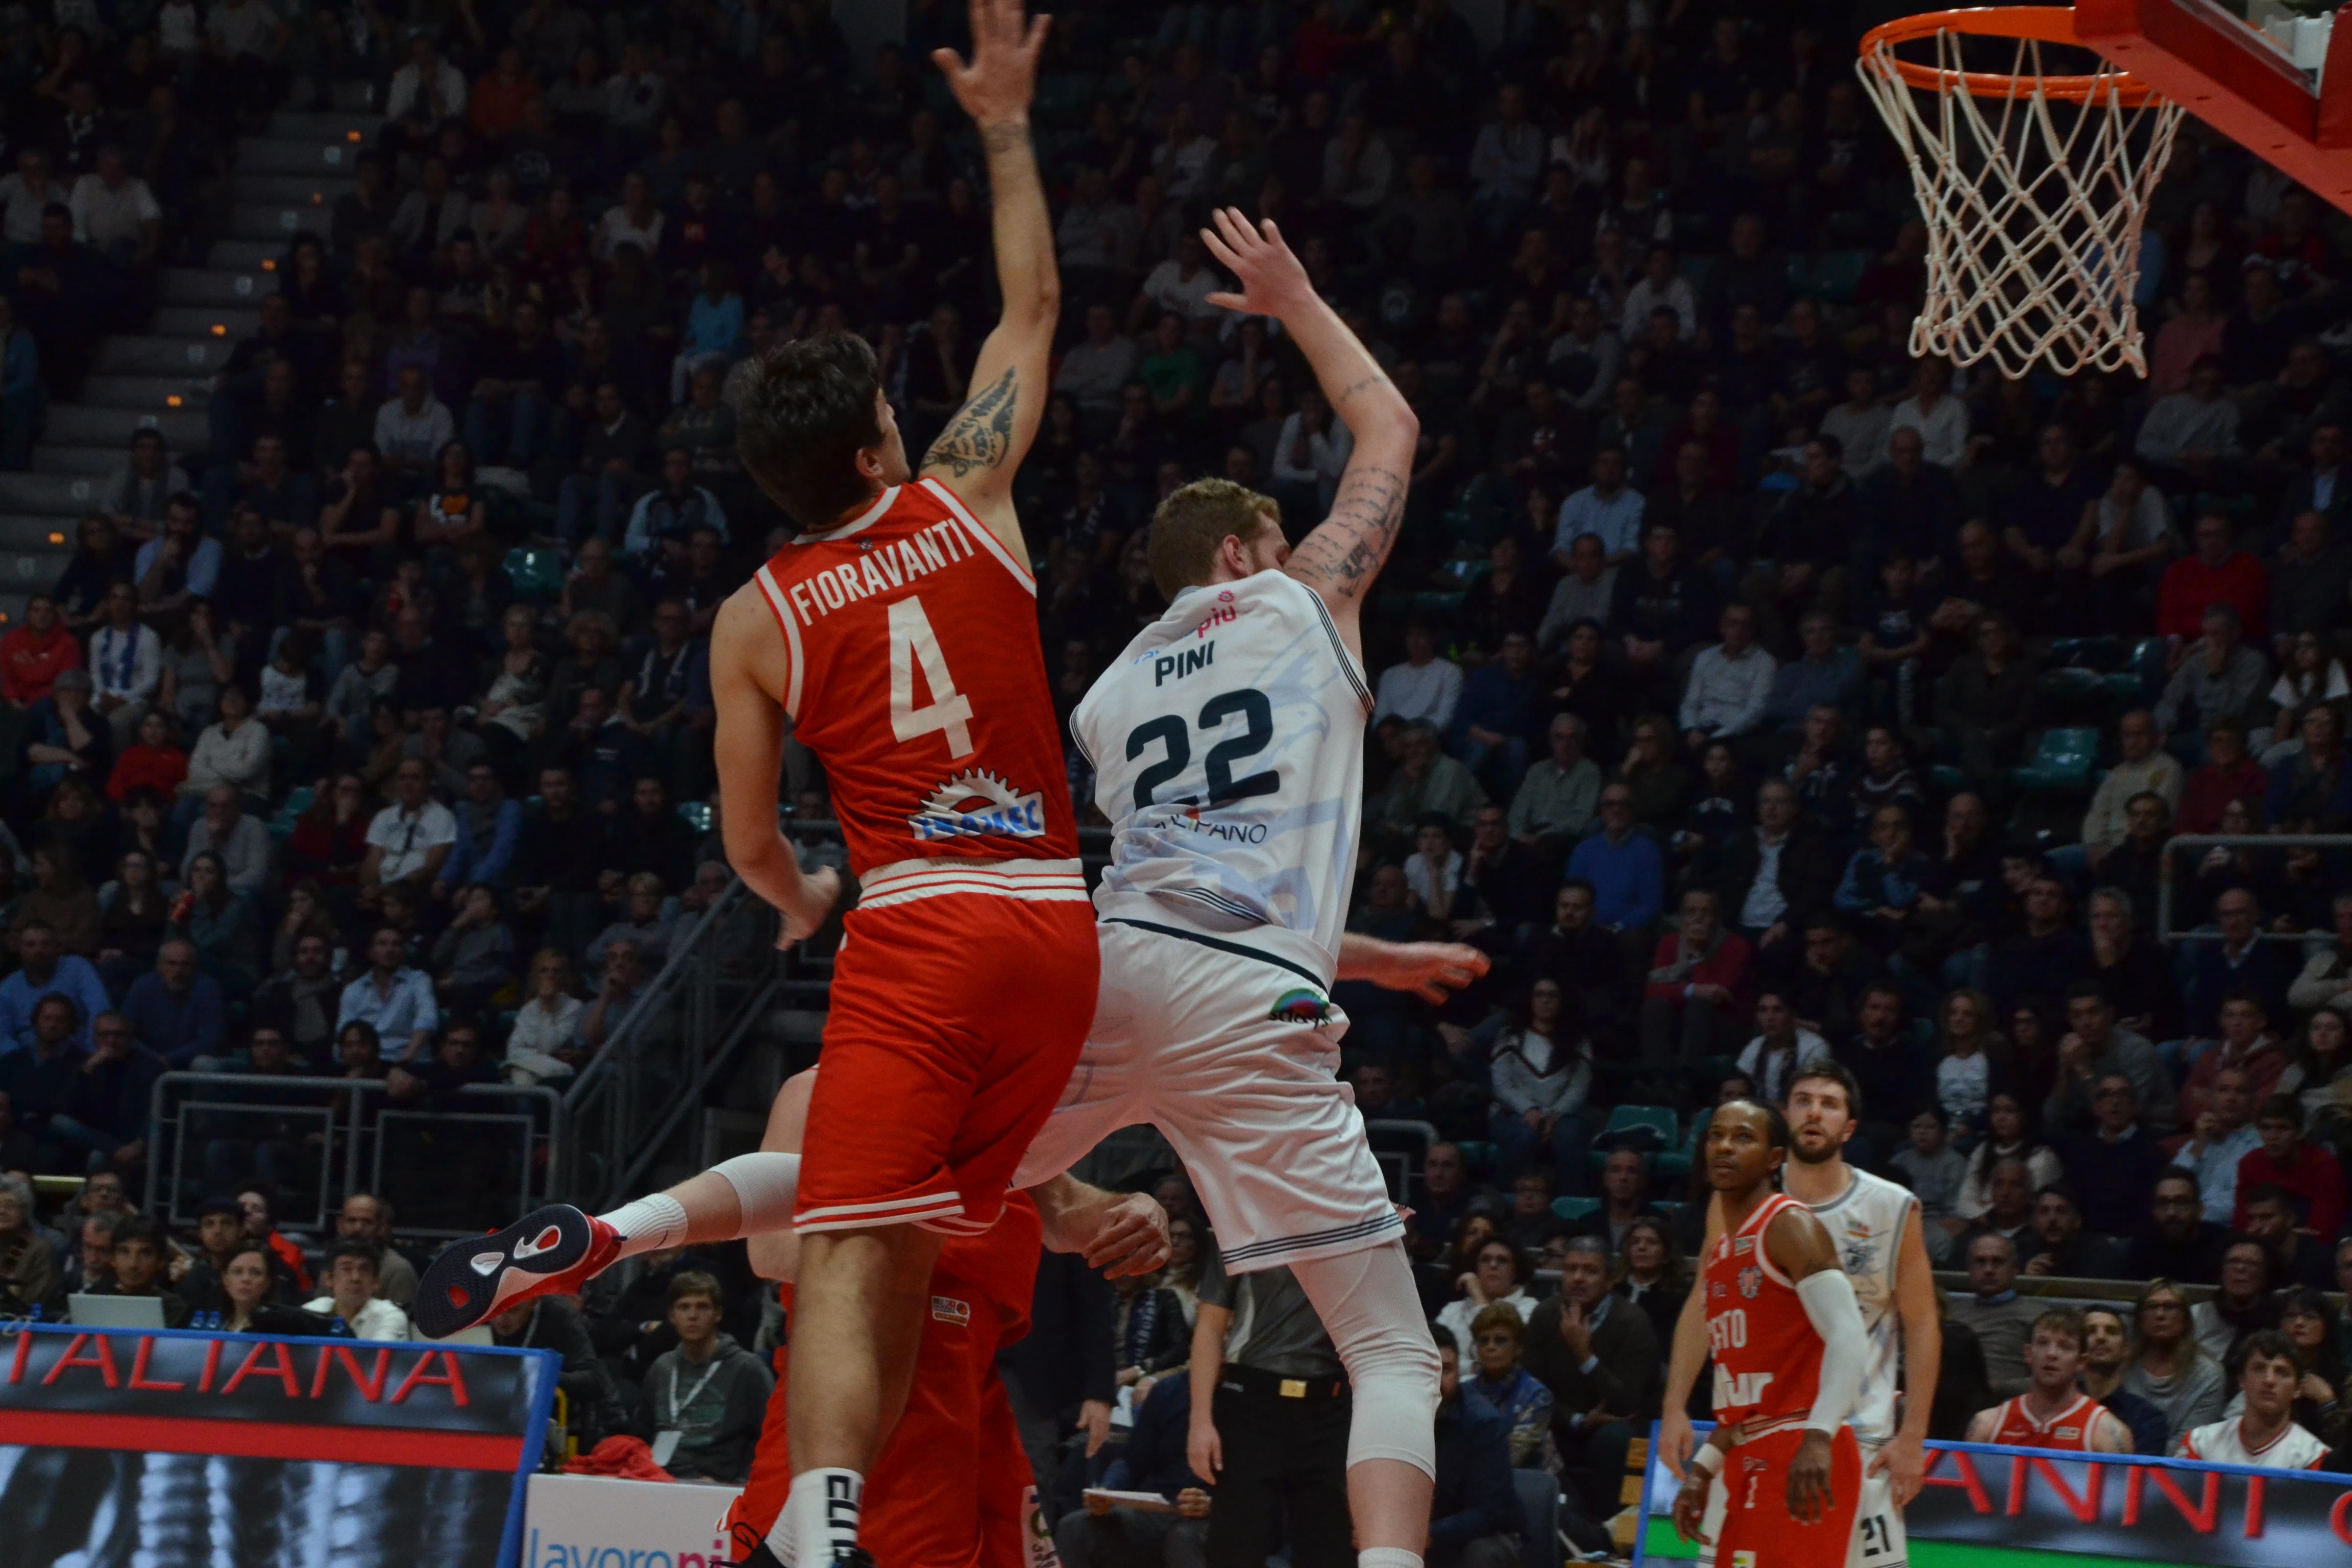 BolognAmor: torna alla vittoria la Fortitudo, sconfitta Cento per 93-76